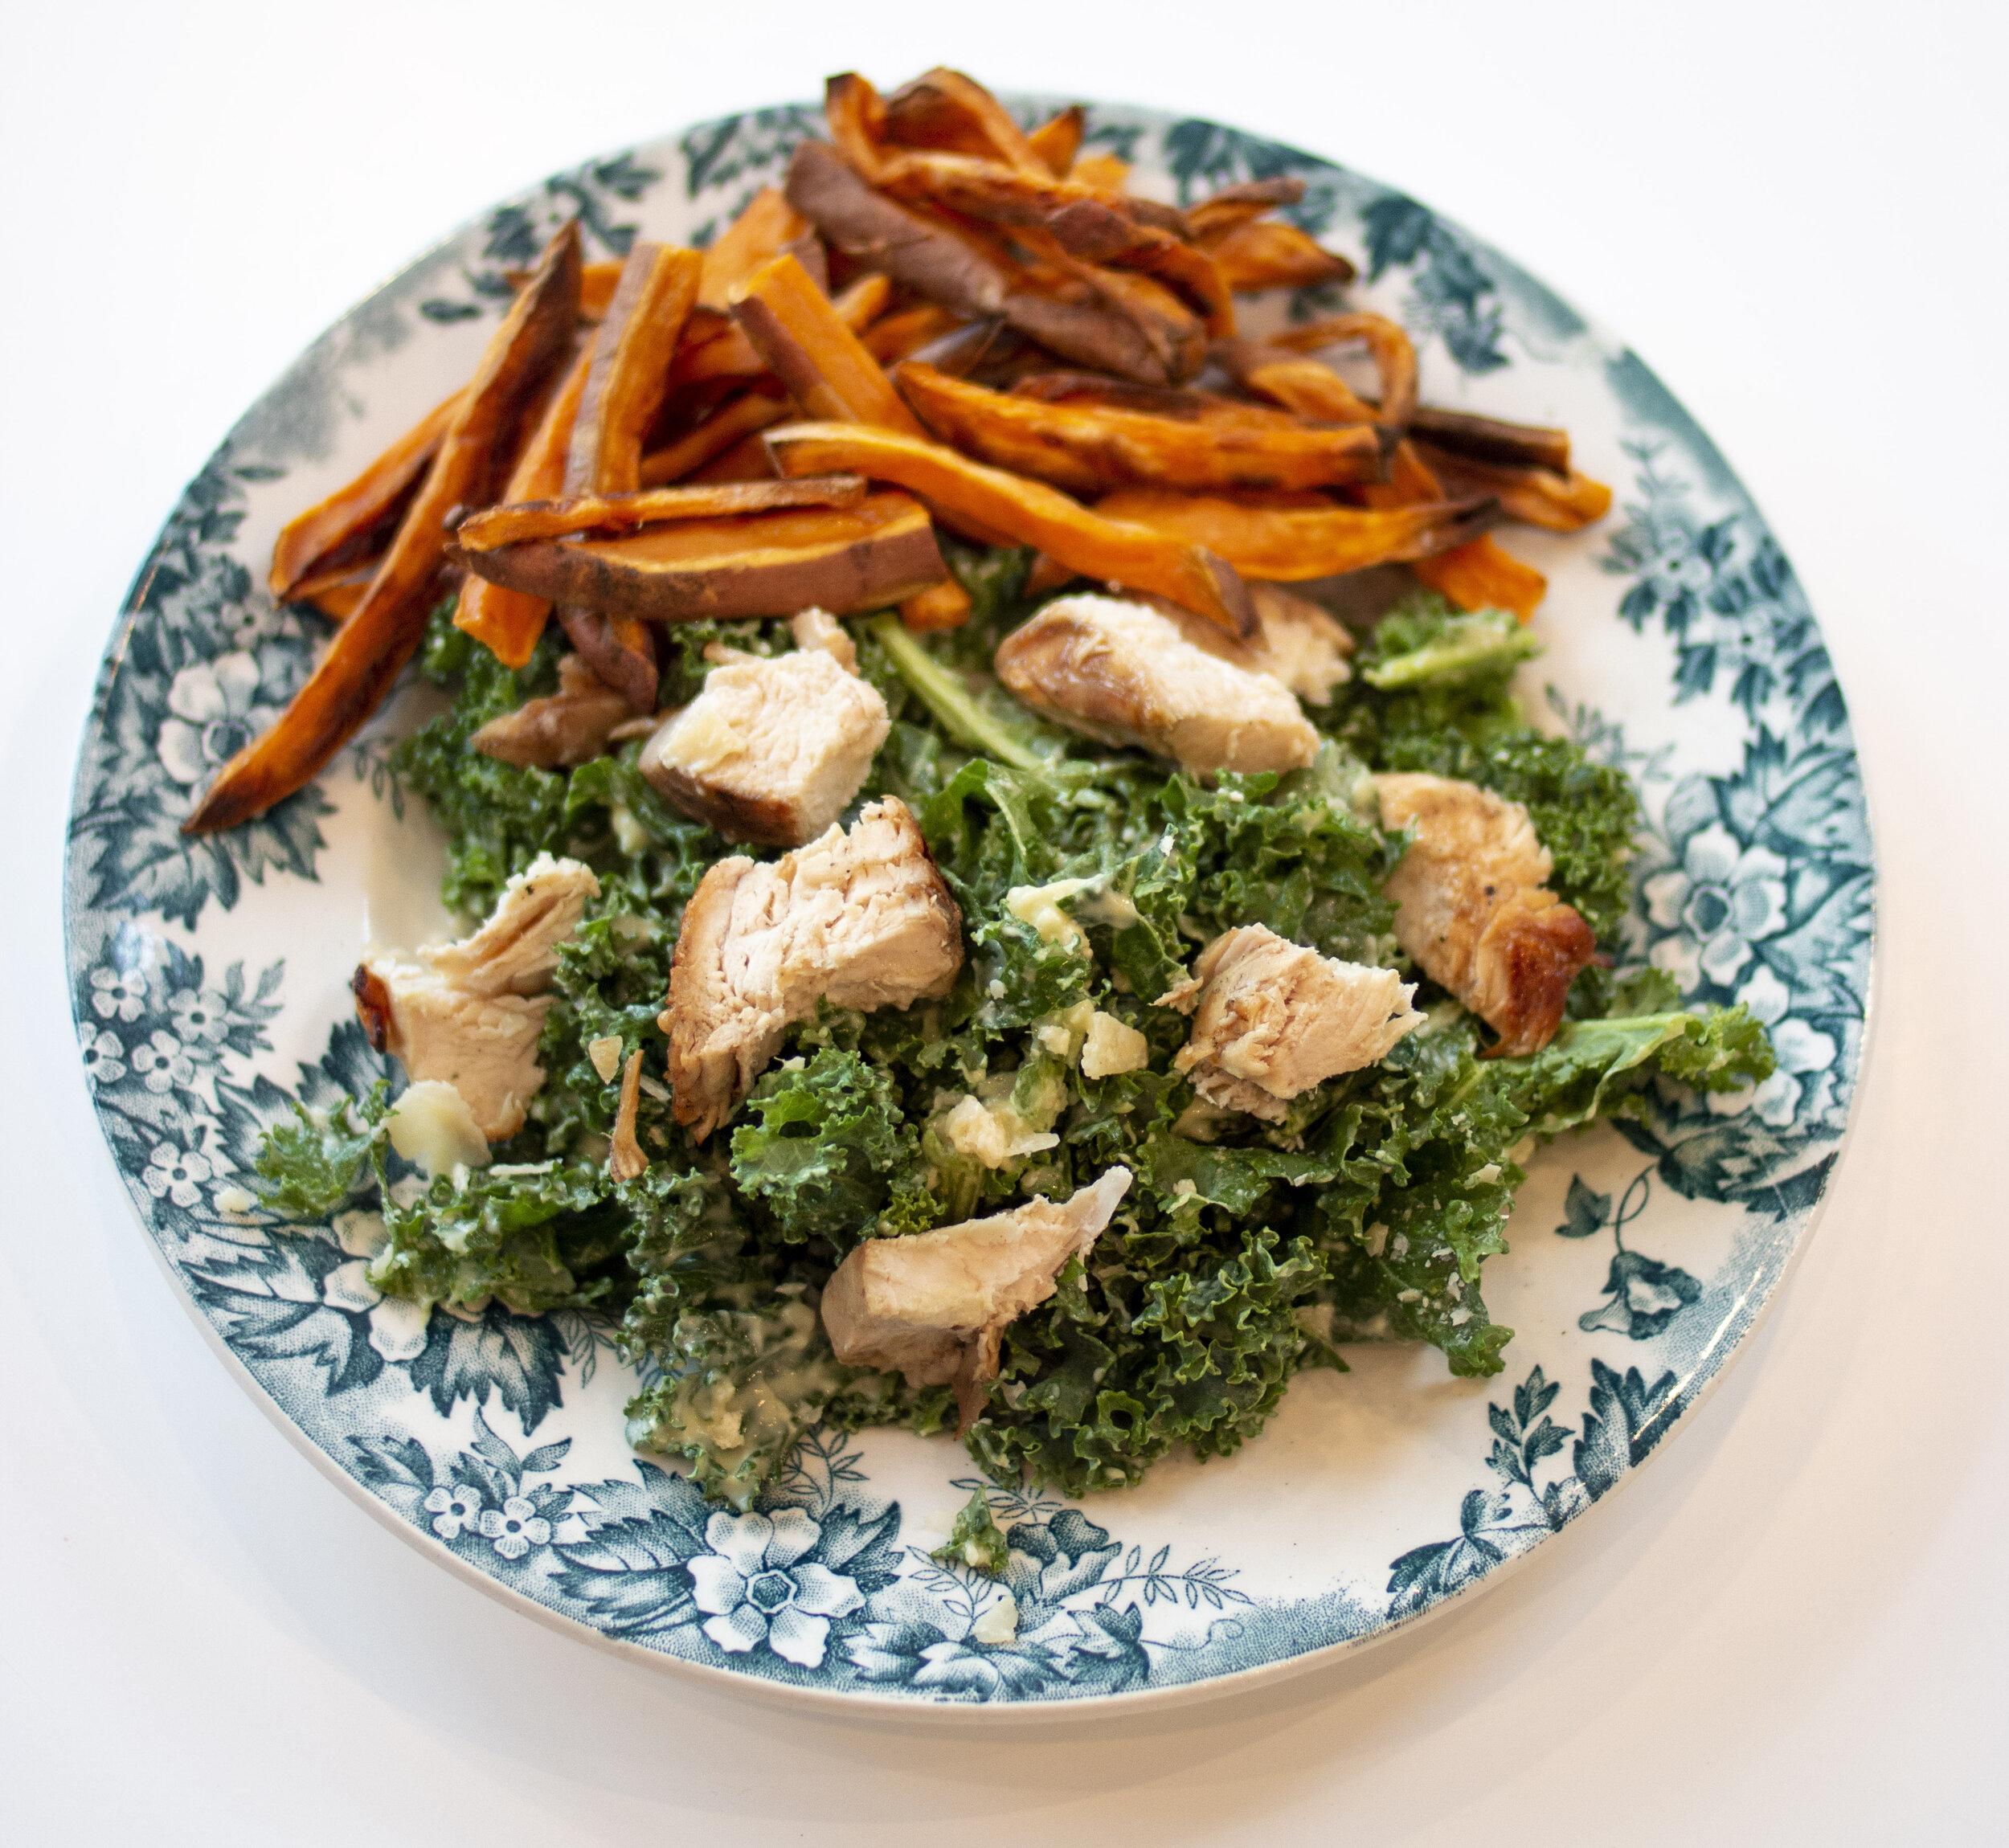 Kale Caesar Salad and Sweet Potato Fries